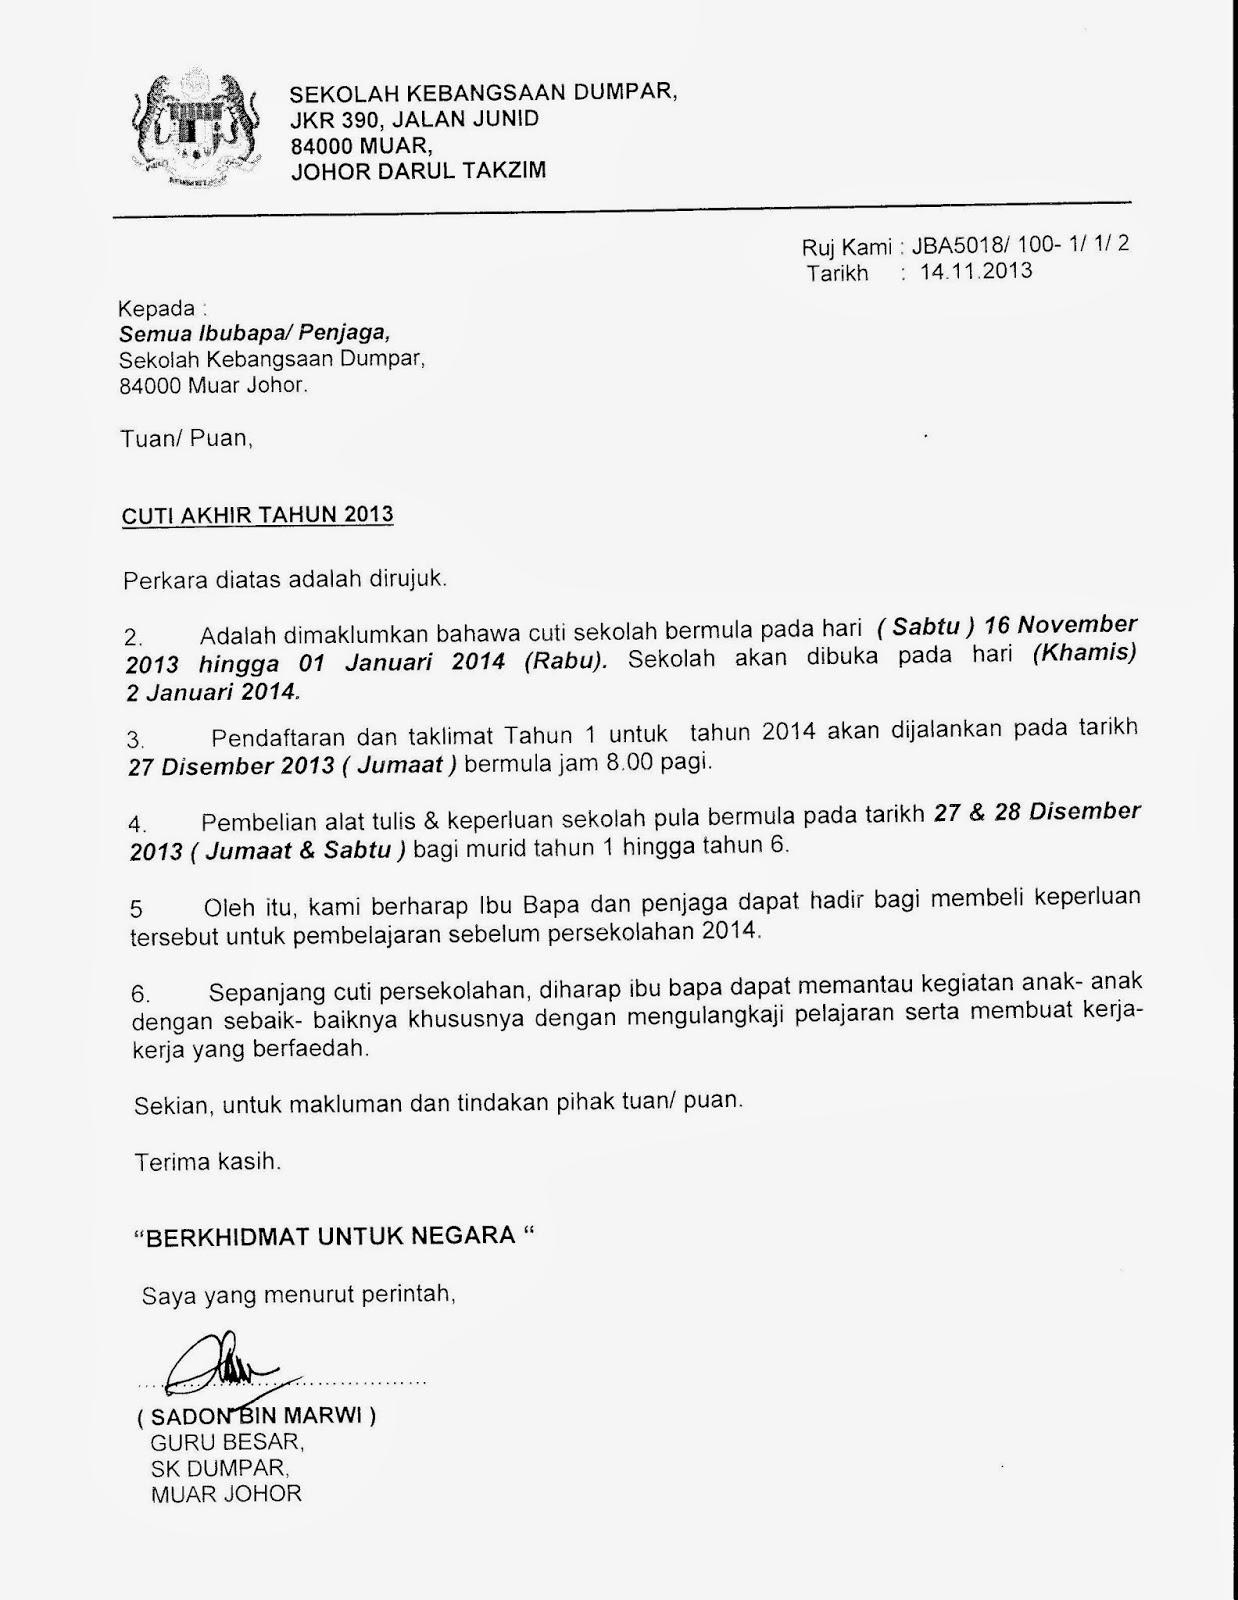 Gpk Hem Skdumpar Surat Pemberitahuan Cuti Sekolah 2013